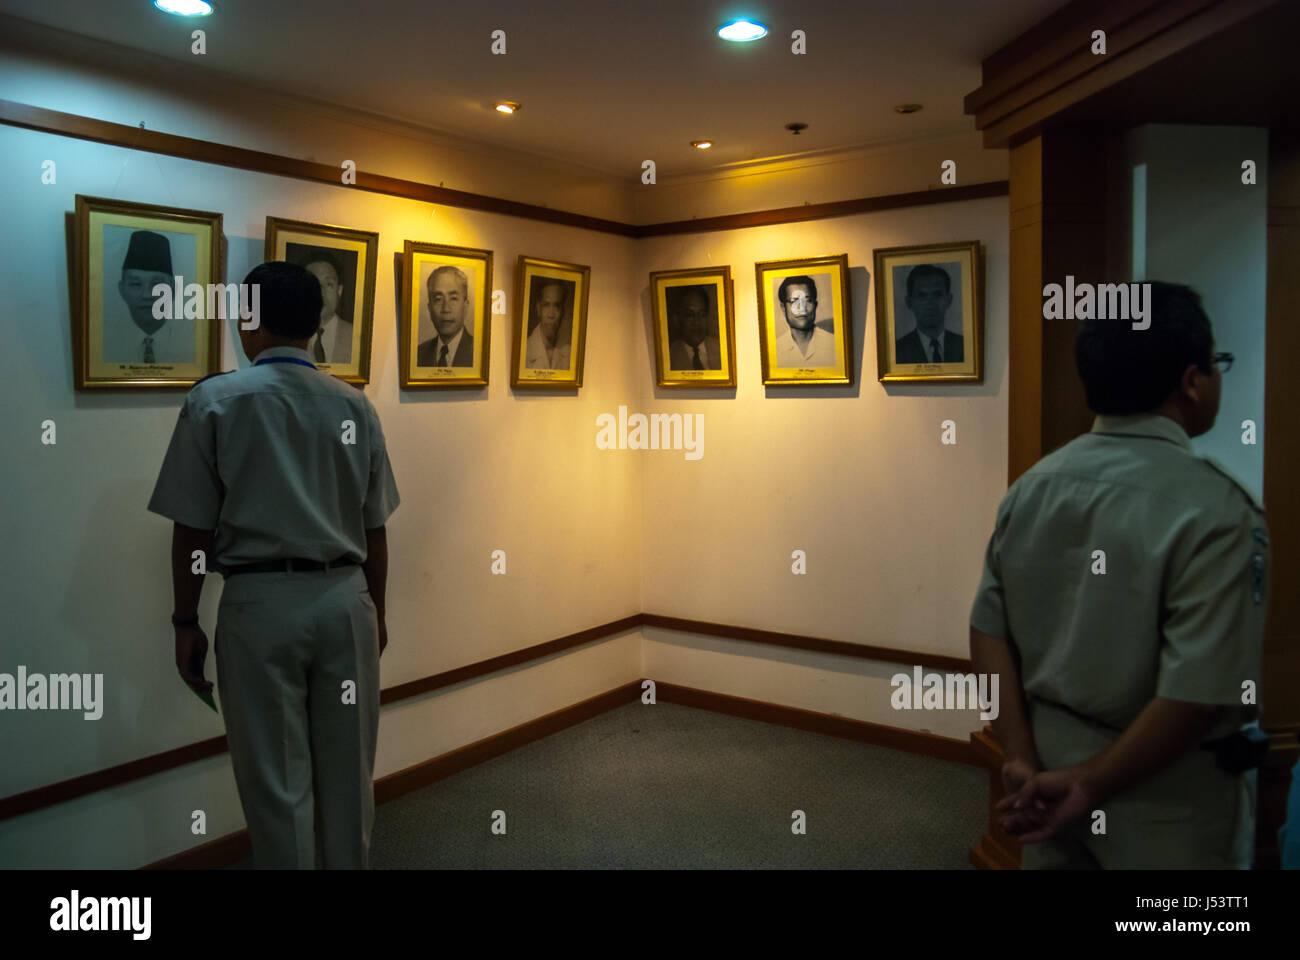 Regierungsbeamte, die Aufmerksamkeit auf die Porträts der früheren indonesischen Gesundheitsminister in Stockbild